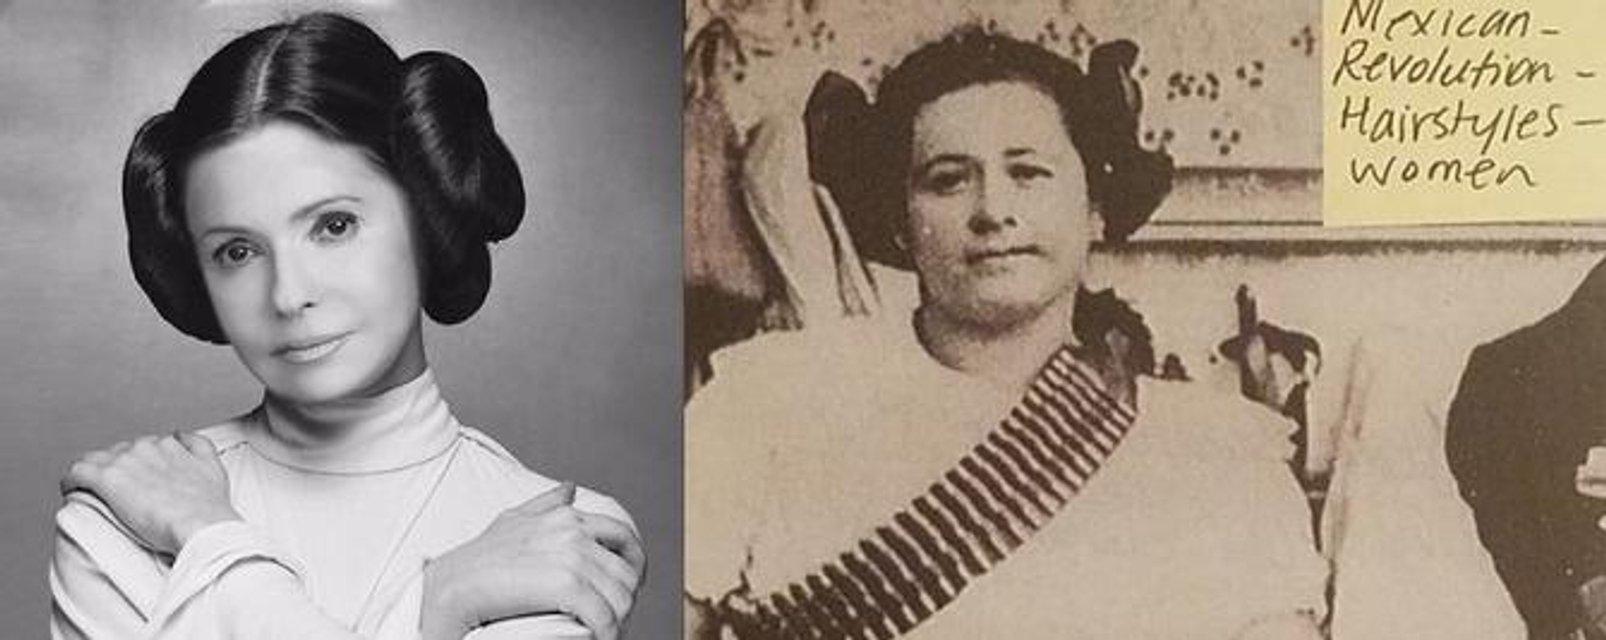 Тимошенко приплела 'Звездные войны', чтобы показать себя мексиканской революционеркой - фото 123161